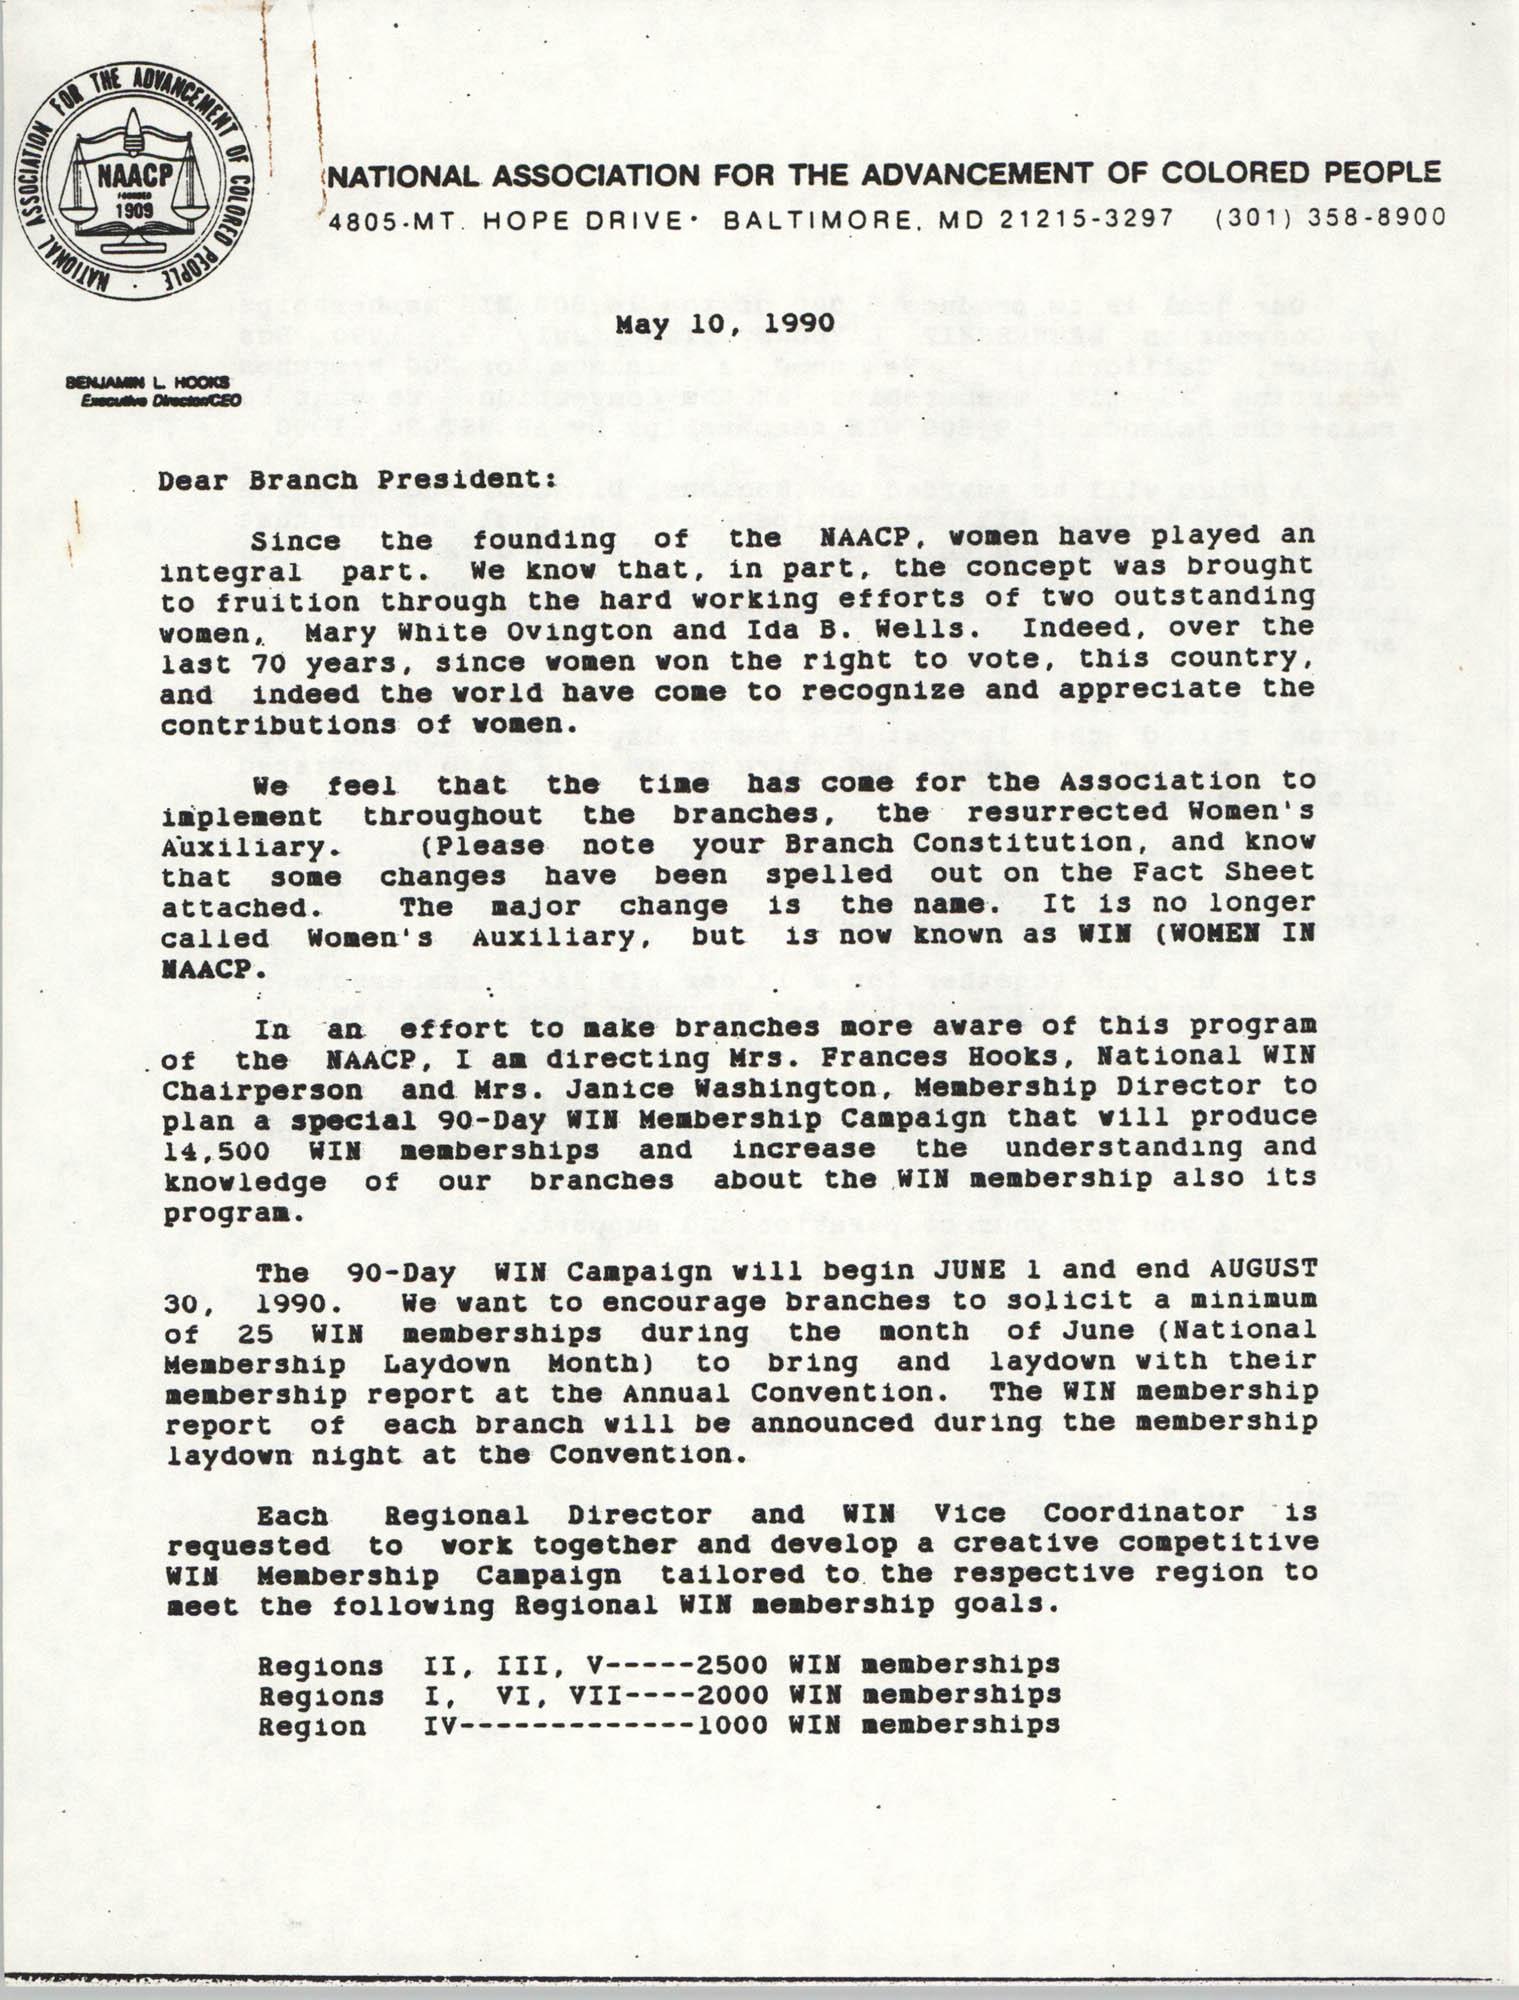 NAACP Memorandum, May 10, 1990